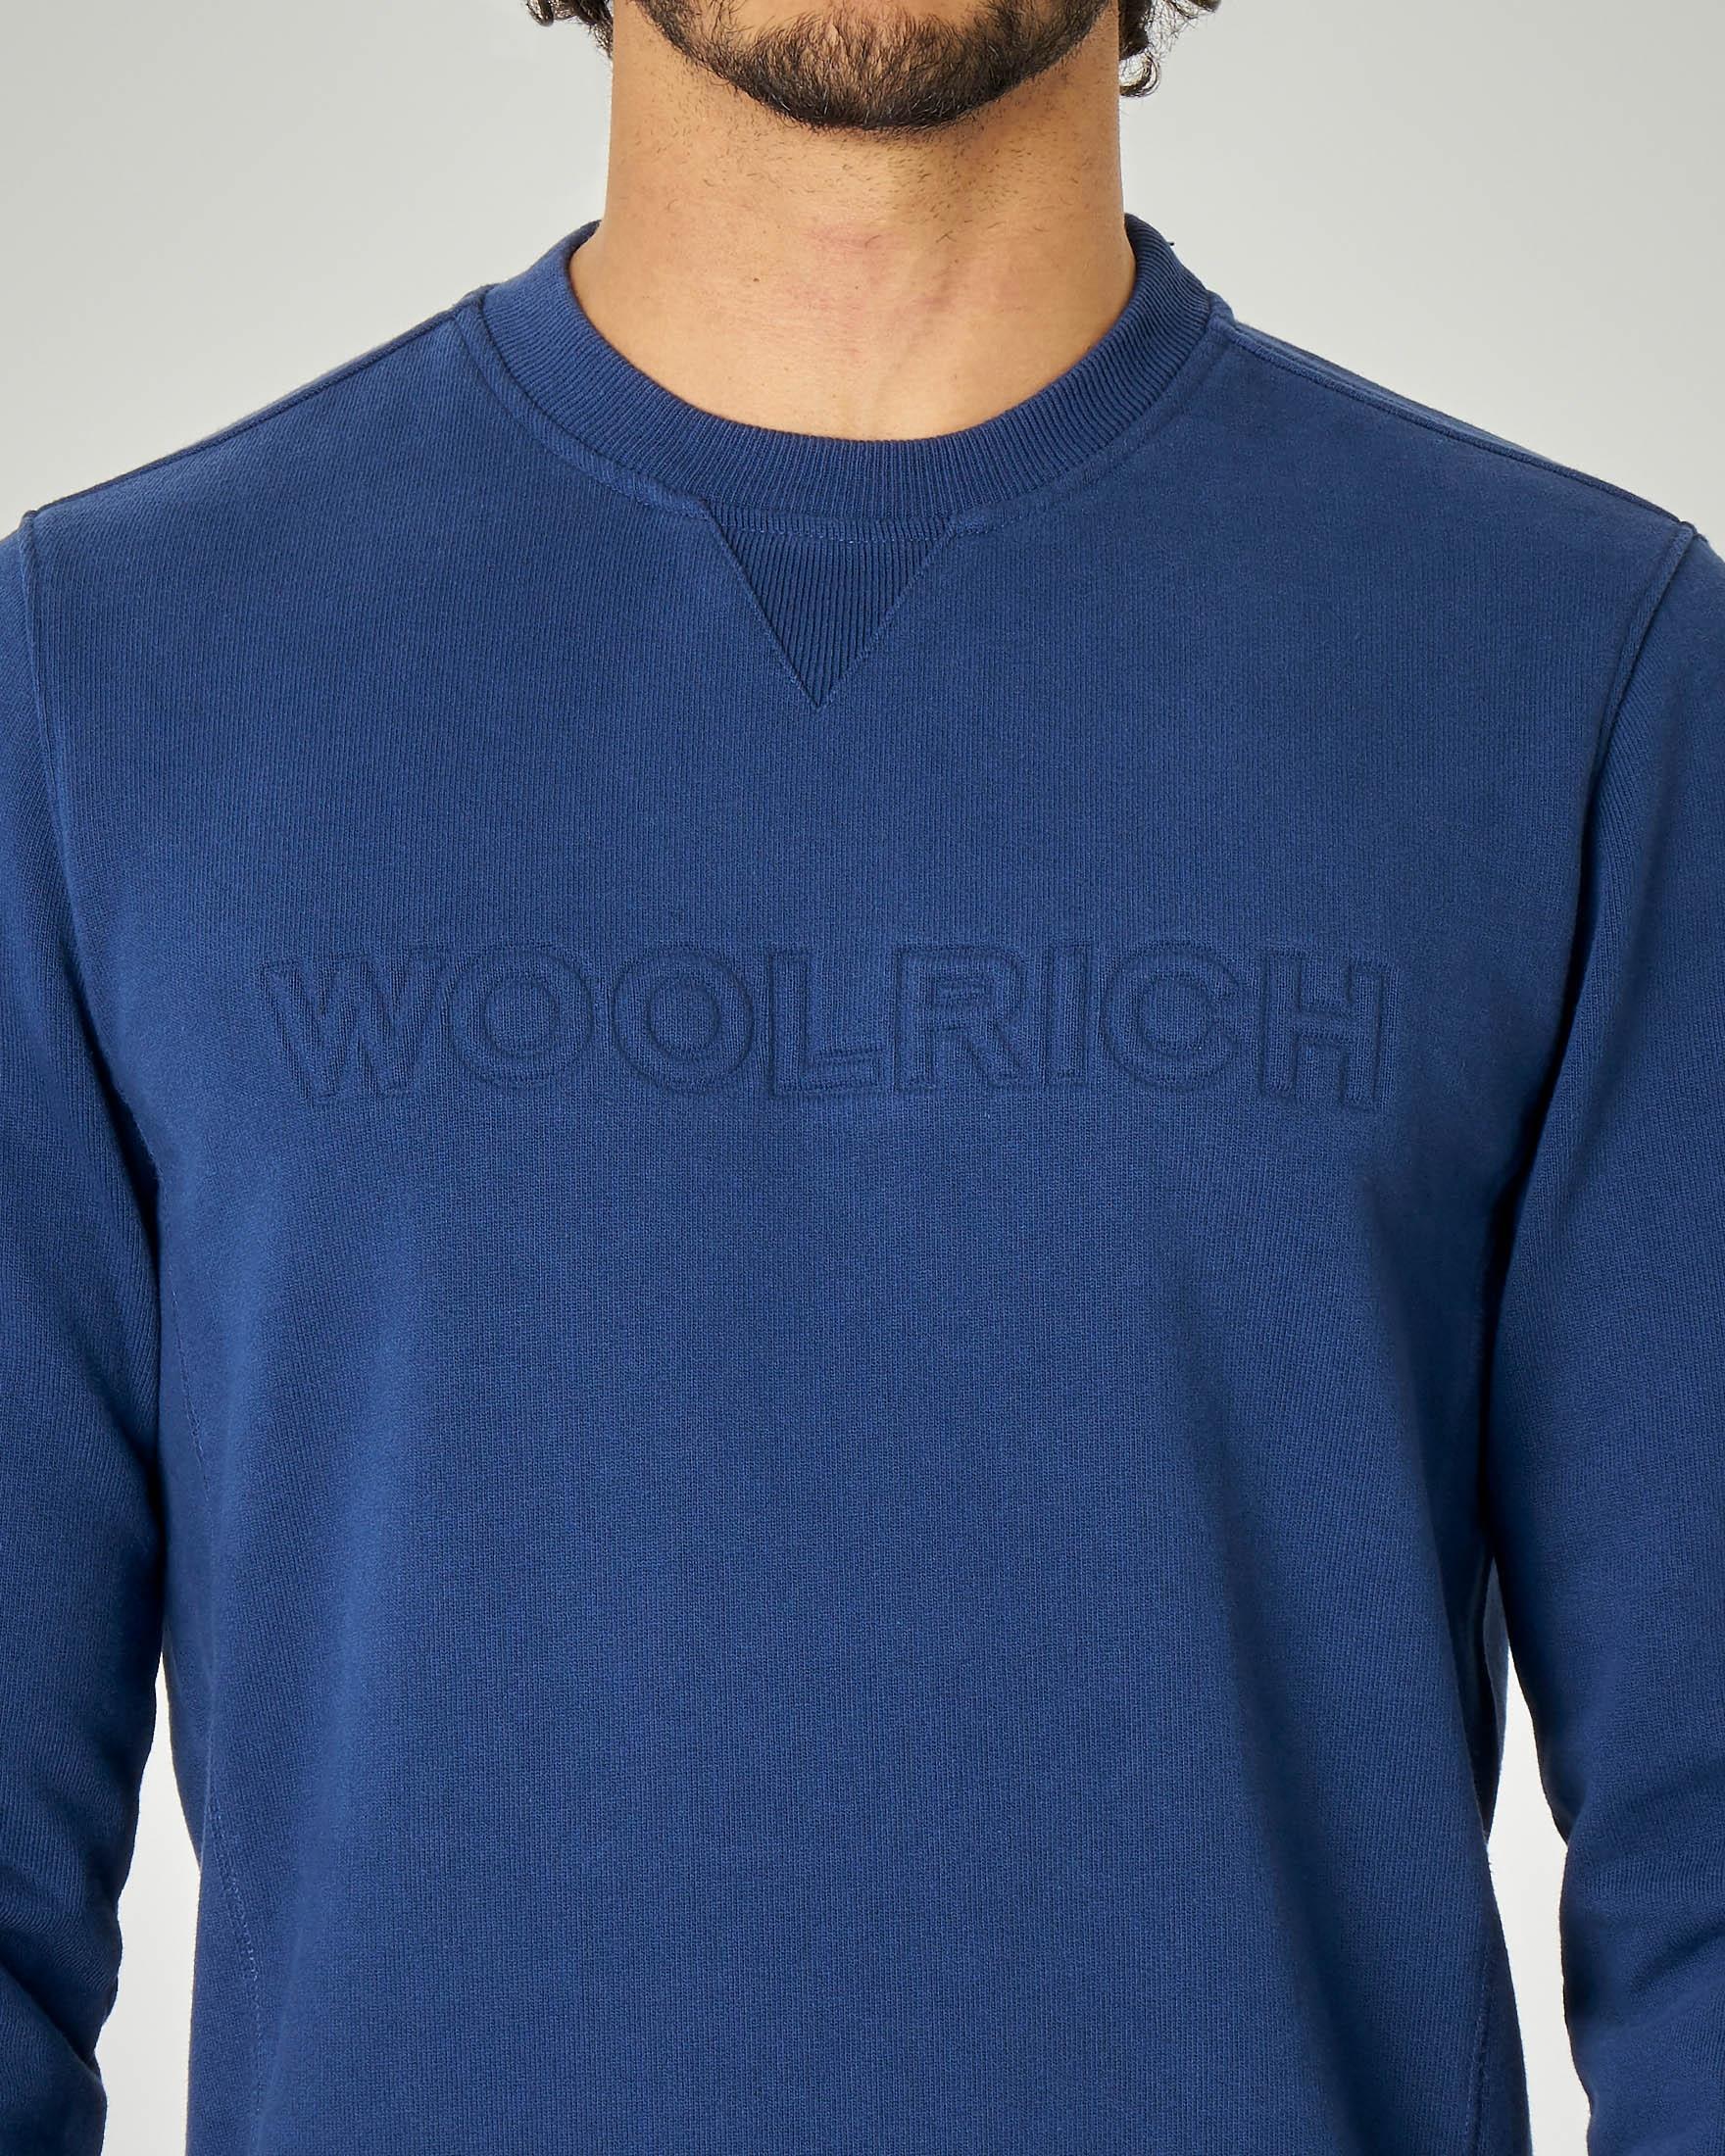 Felpa blu chiaro girocollo con logo in rilievo